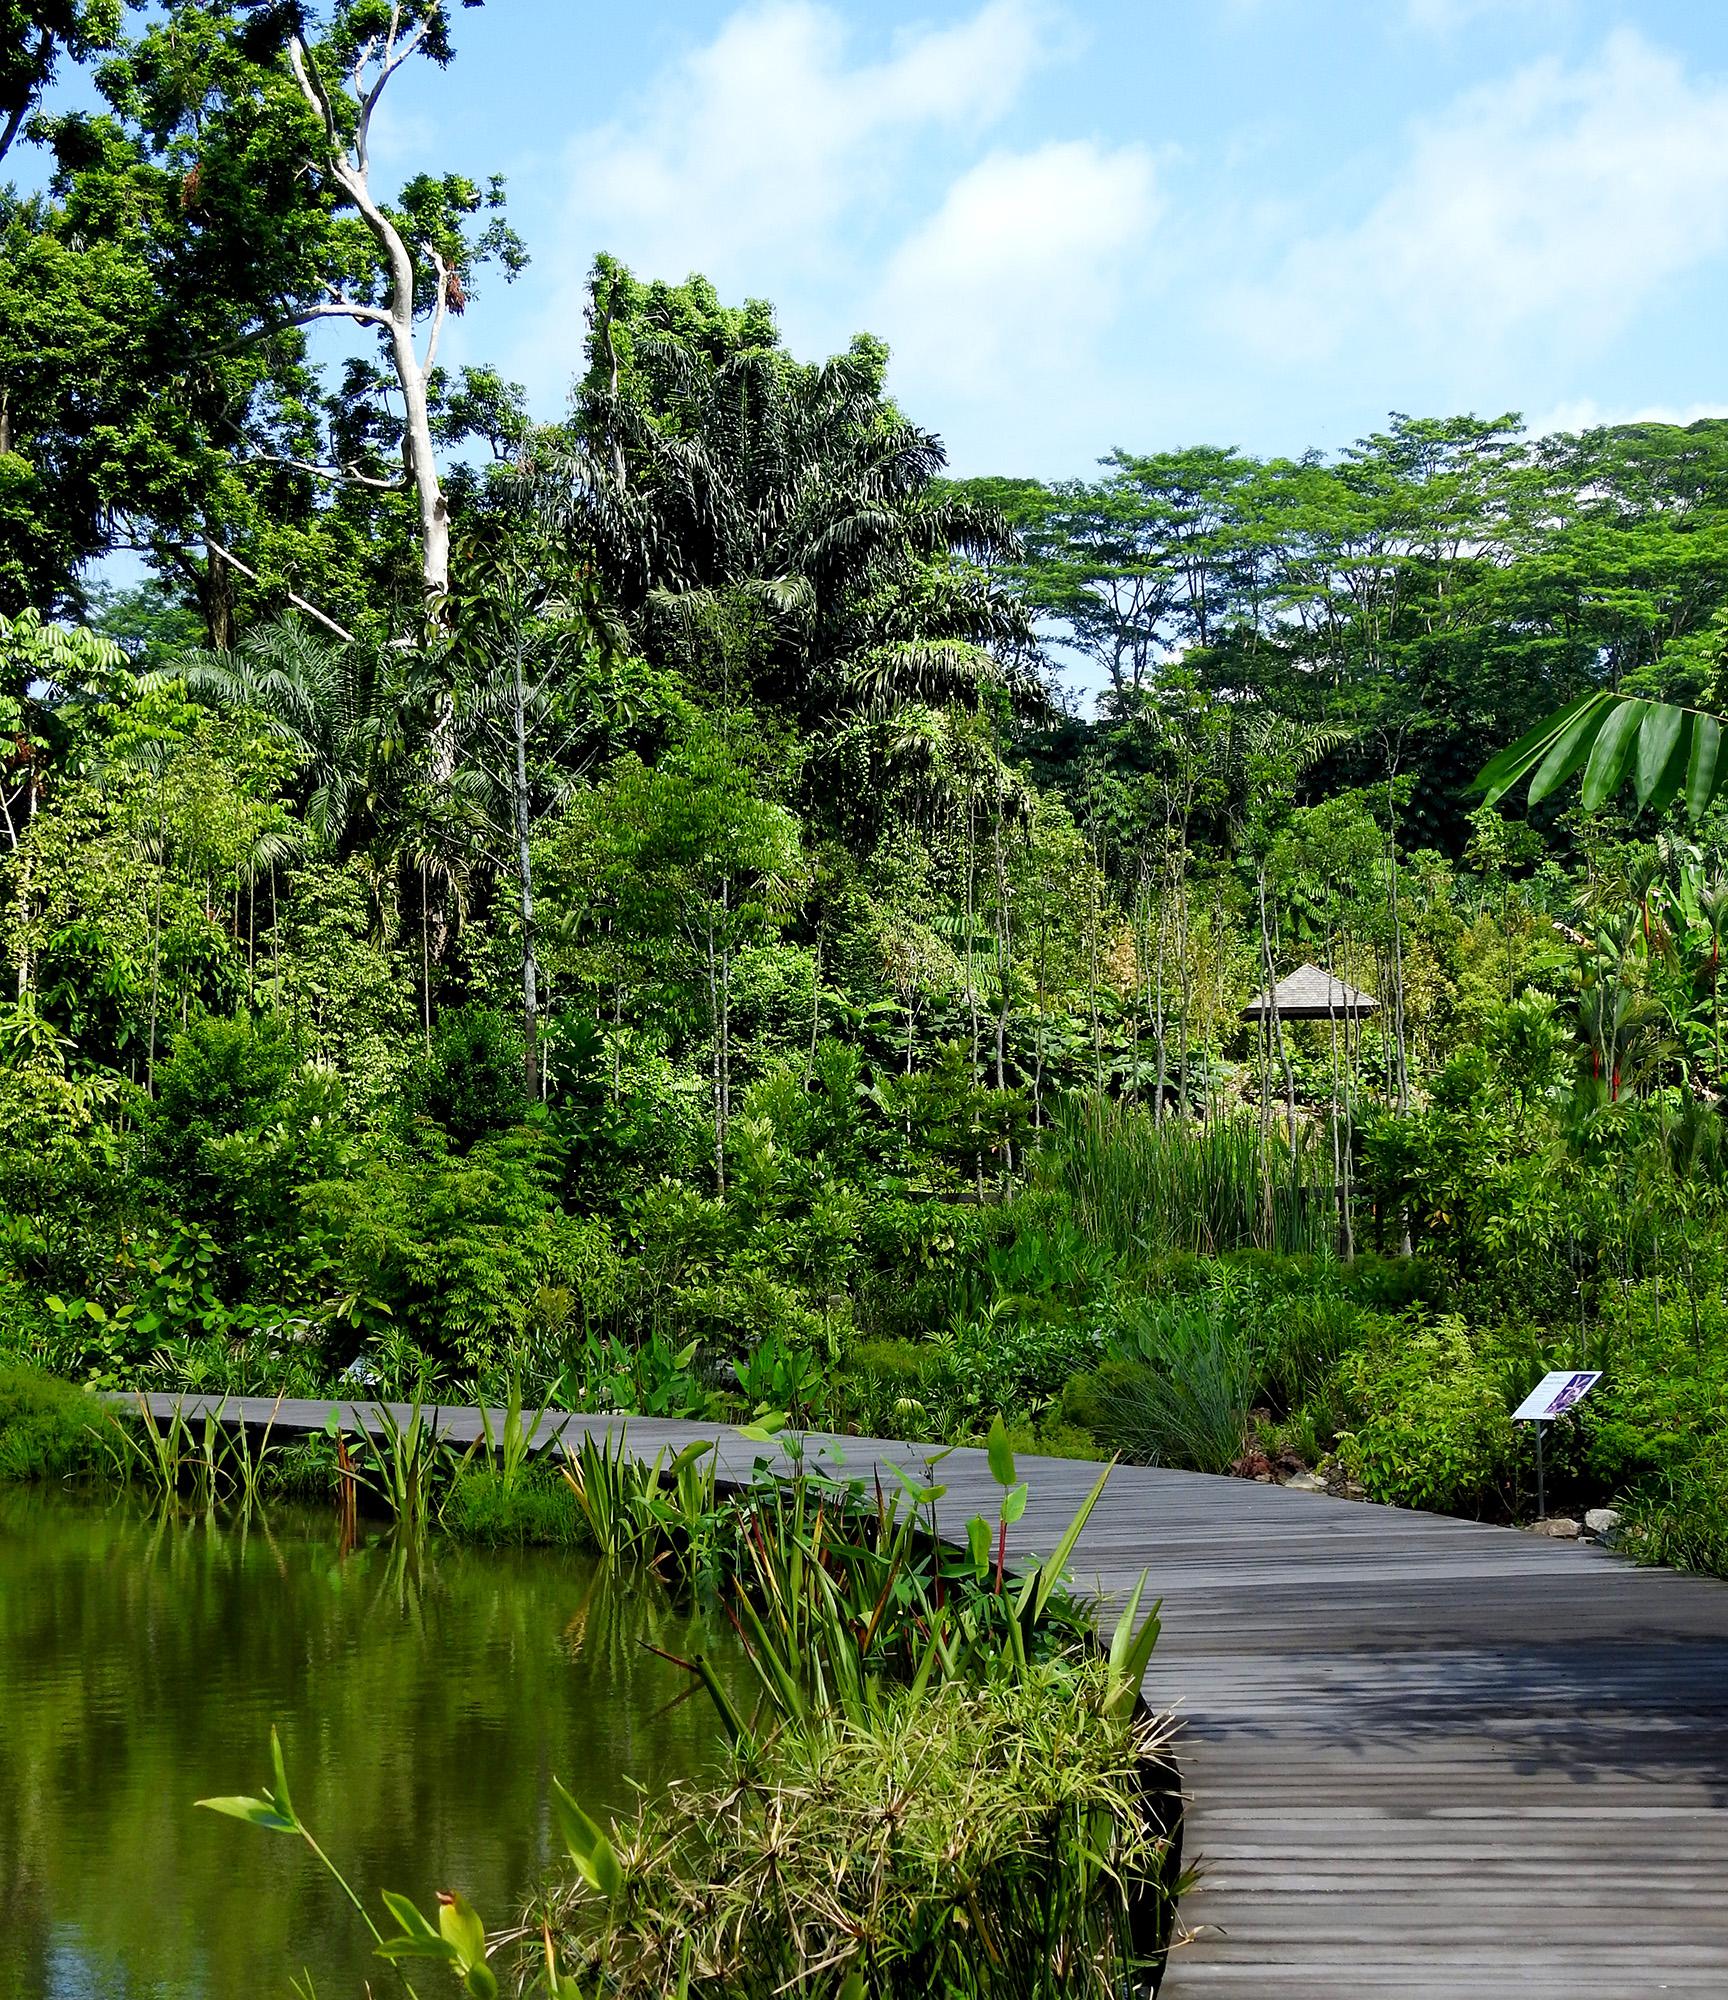 Mid Wetland Boardwalk (Botanists Boardwalk) at the Learning Forest by Stephen Caffyn Landscape Design (SCLD)